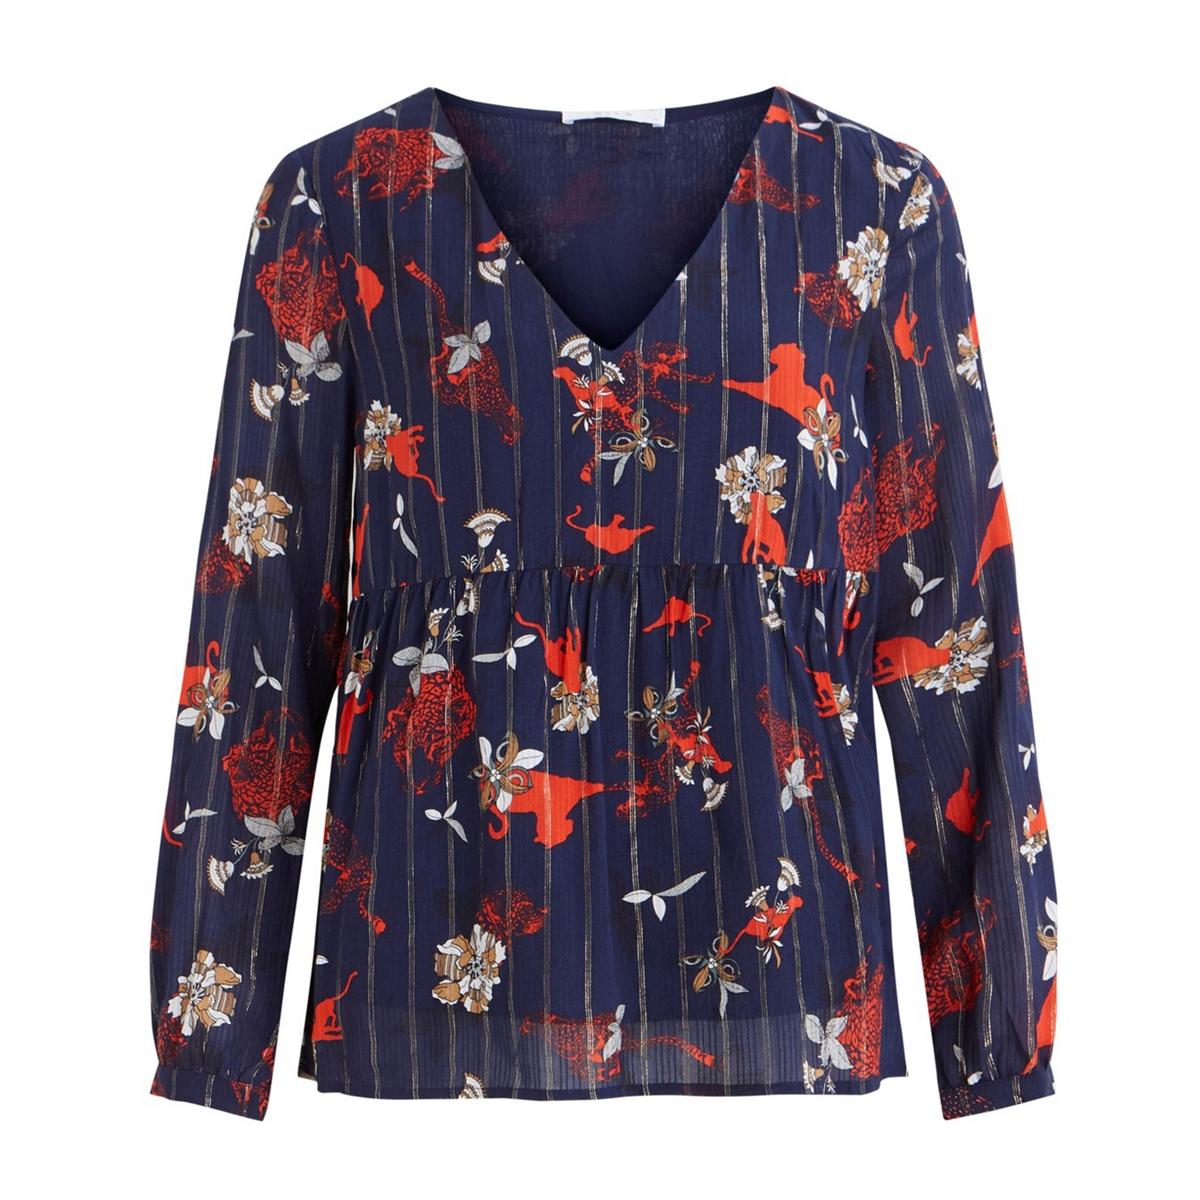 Блузка LaRedoute С принтом V-образным вырезом с цветочным принтом Viamollon 36 (FR) - 42 (RUS) синий блузка la redoute с рукавми и v образным вырезом 36 fr 42 rus синий